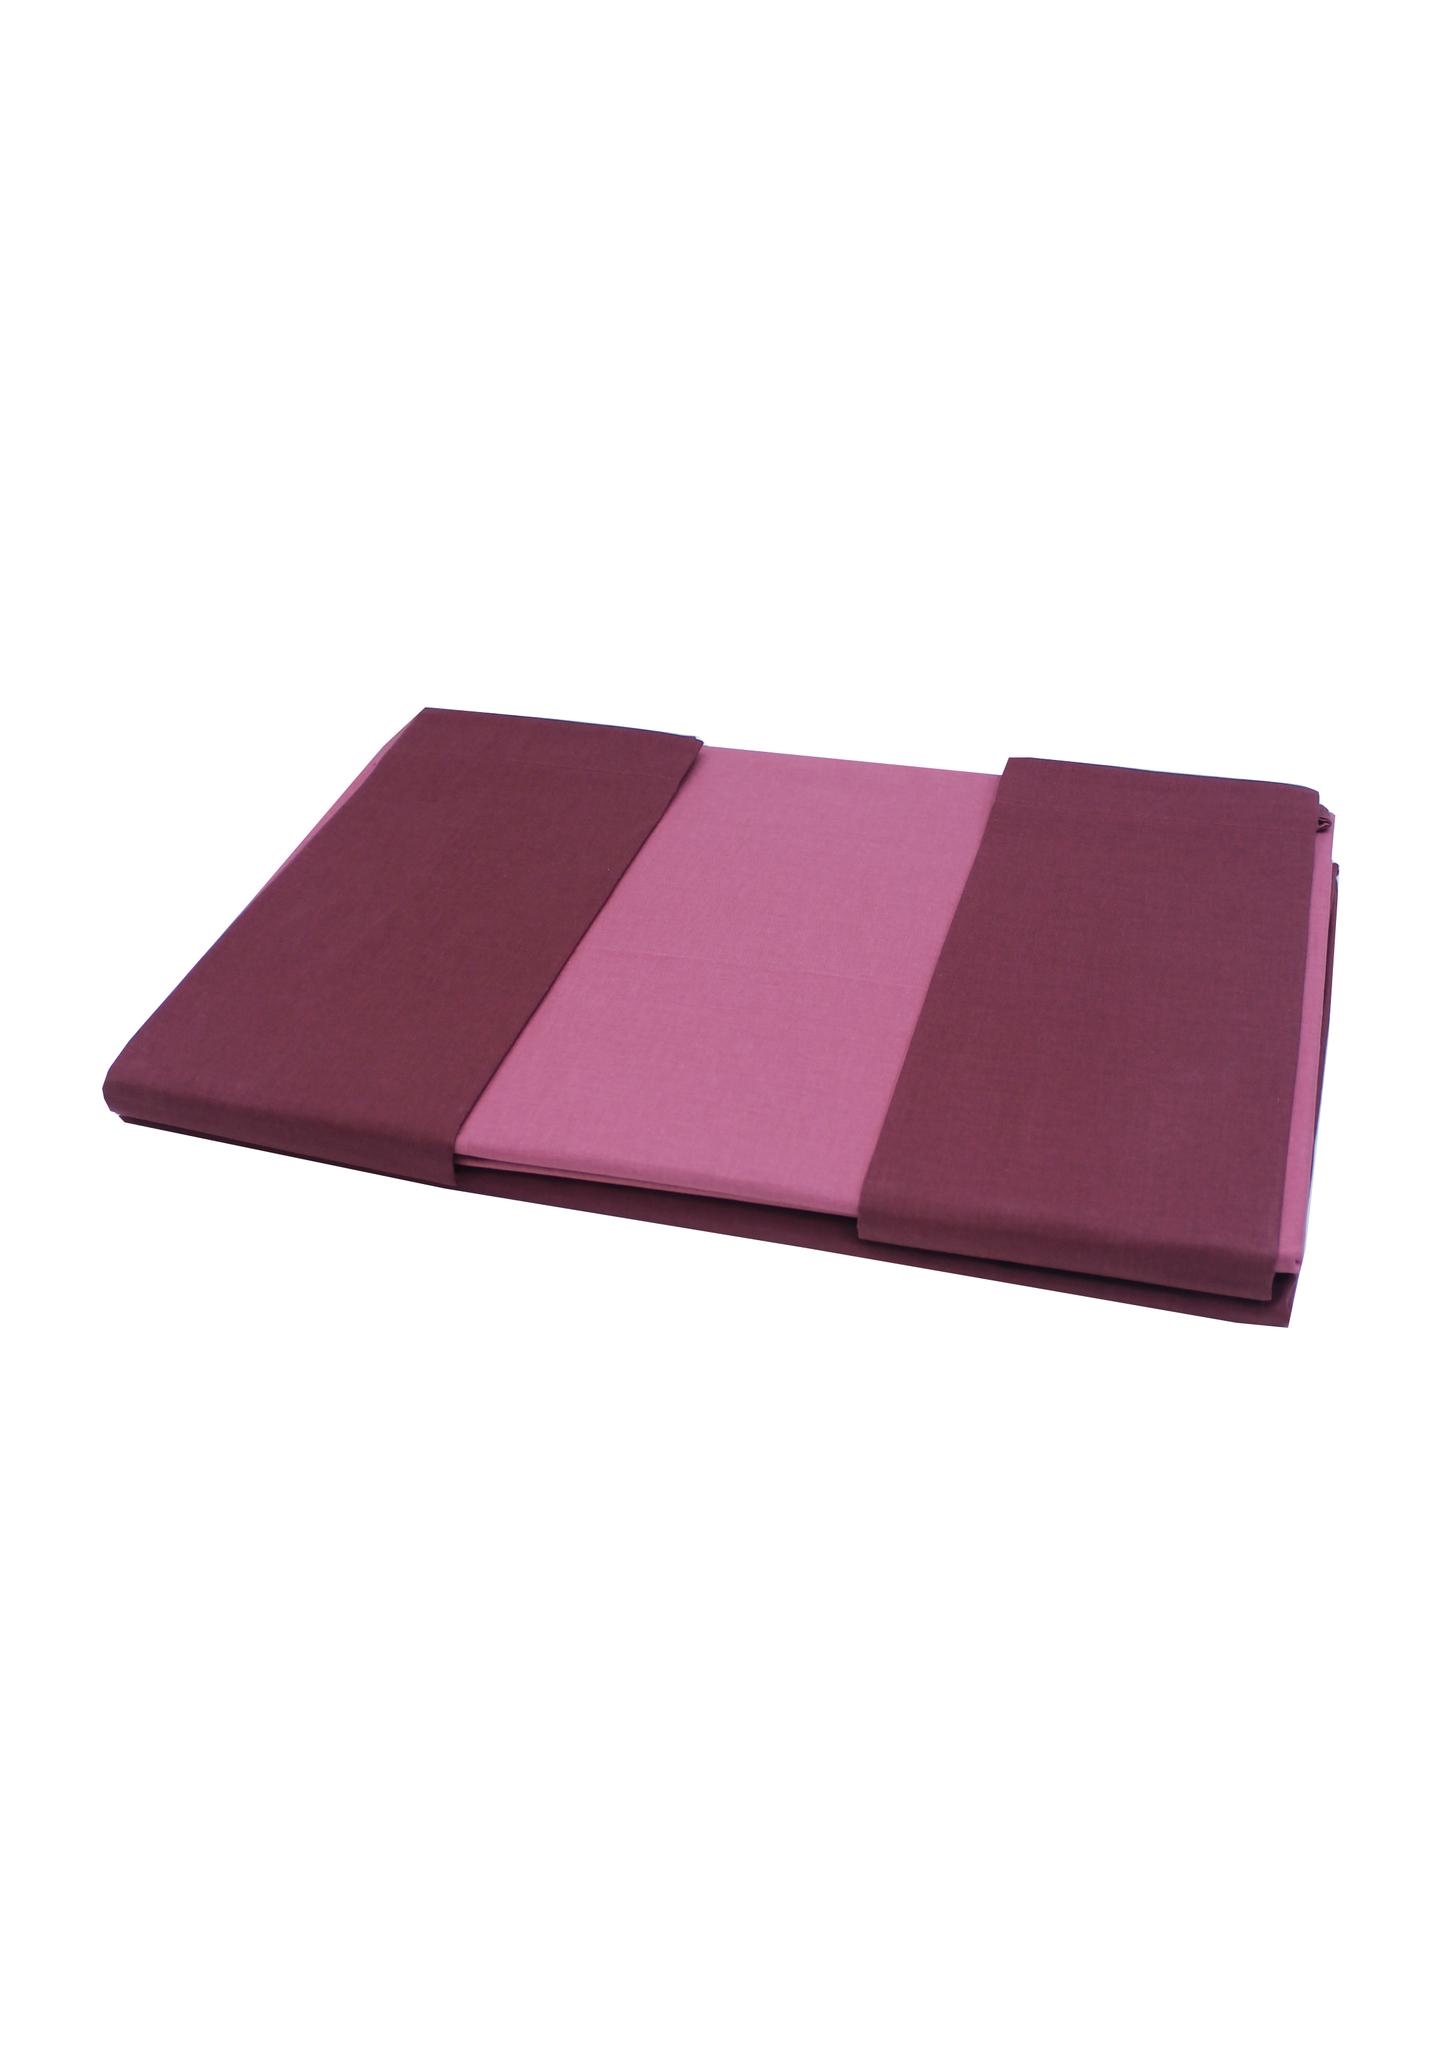 Постельное Постельное белье 1.5 спальное Caleffi Bicolor бордовое postelnoe-belie-caleffi-bicolor-bordovoe-italiya.JPG